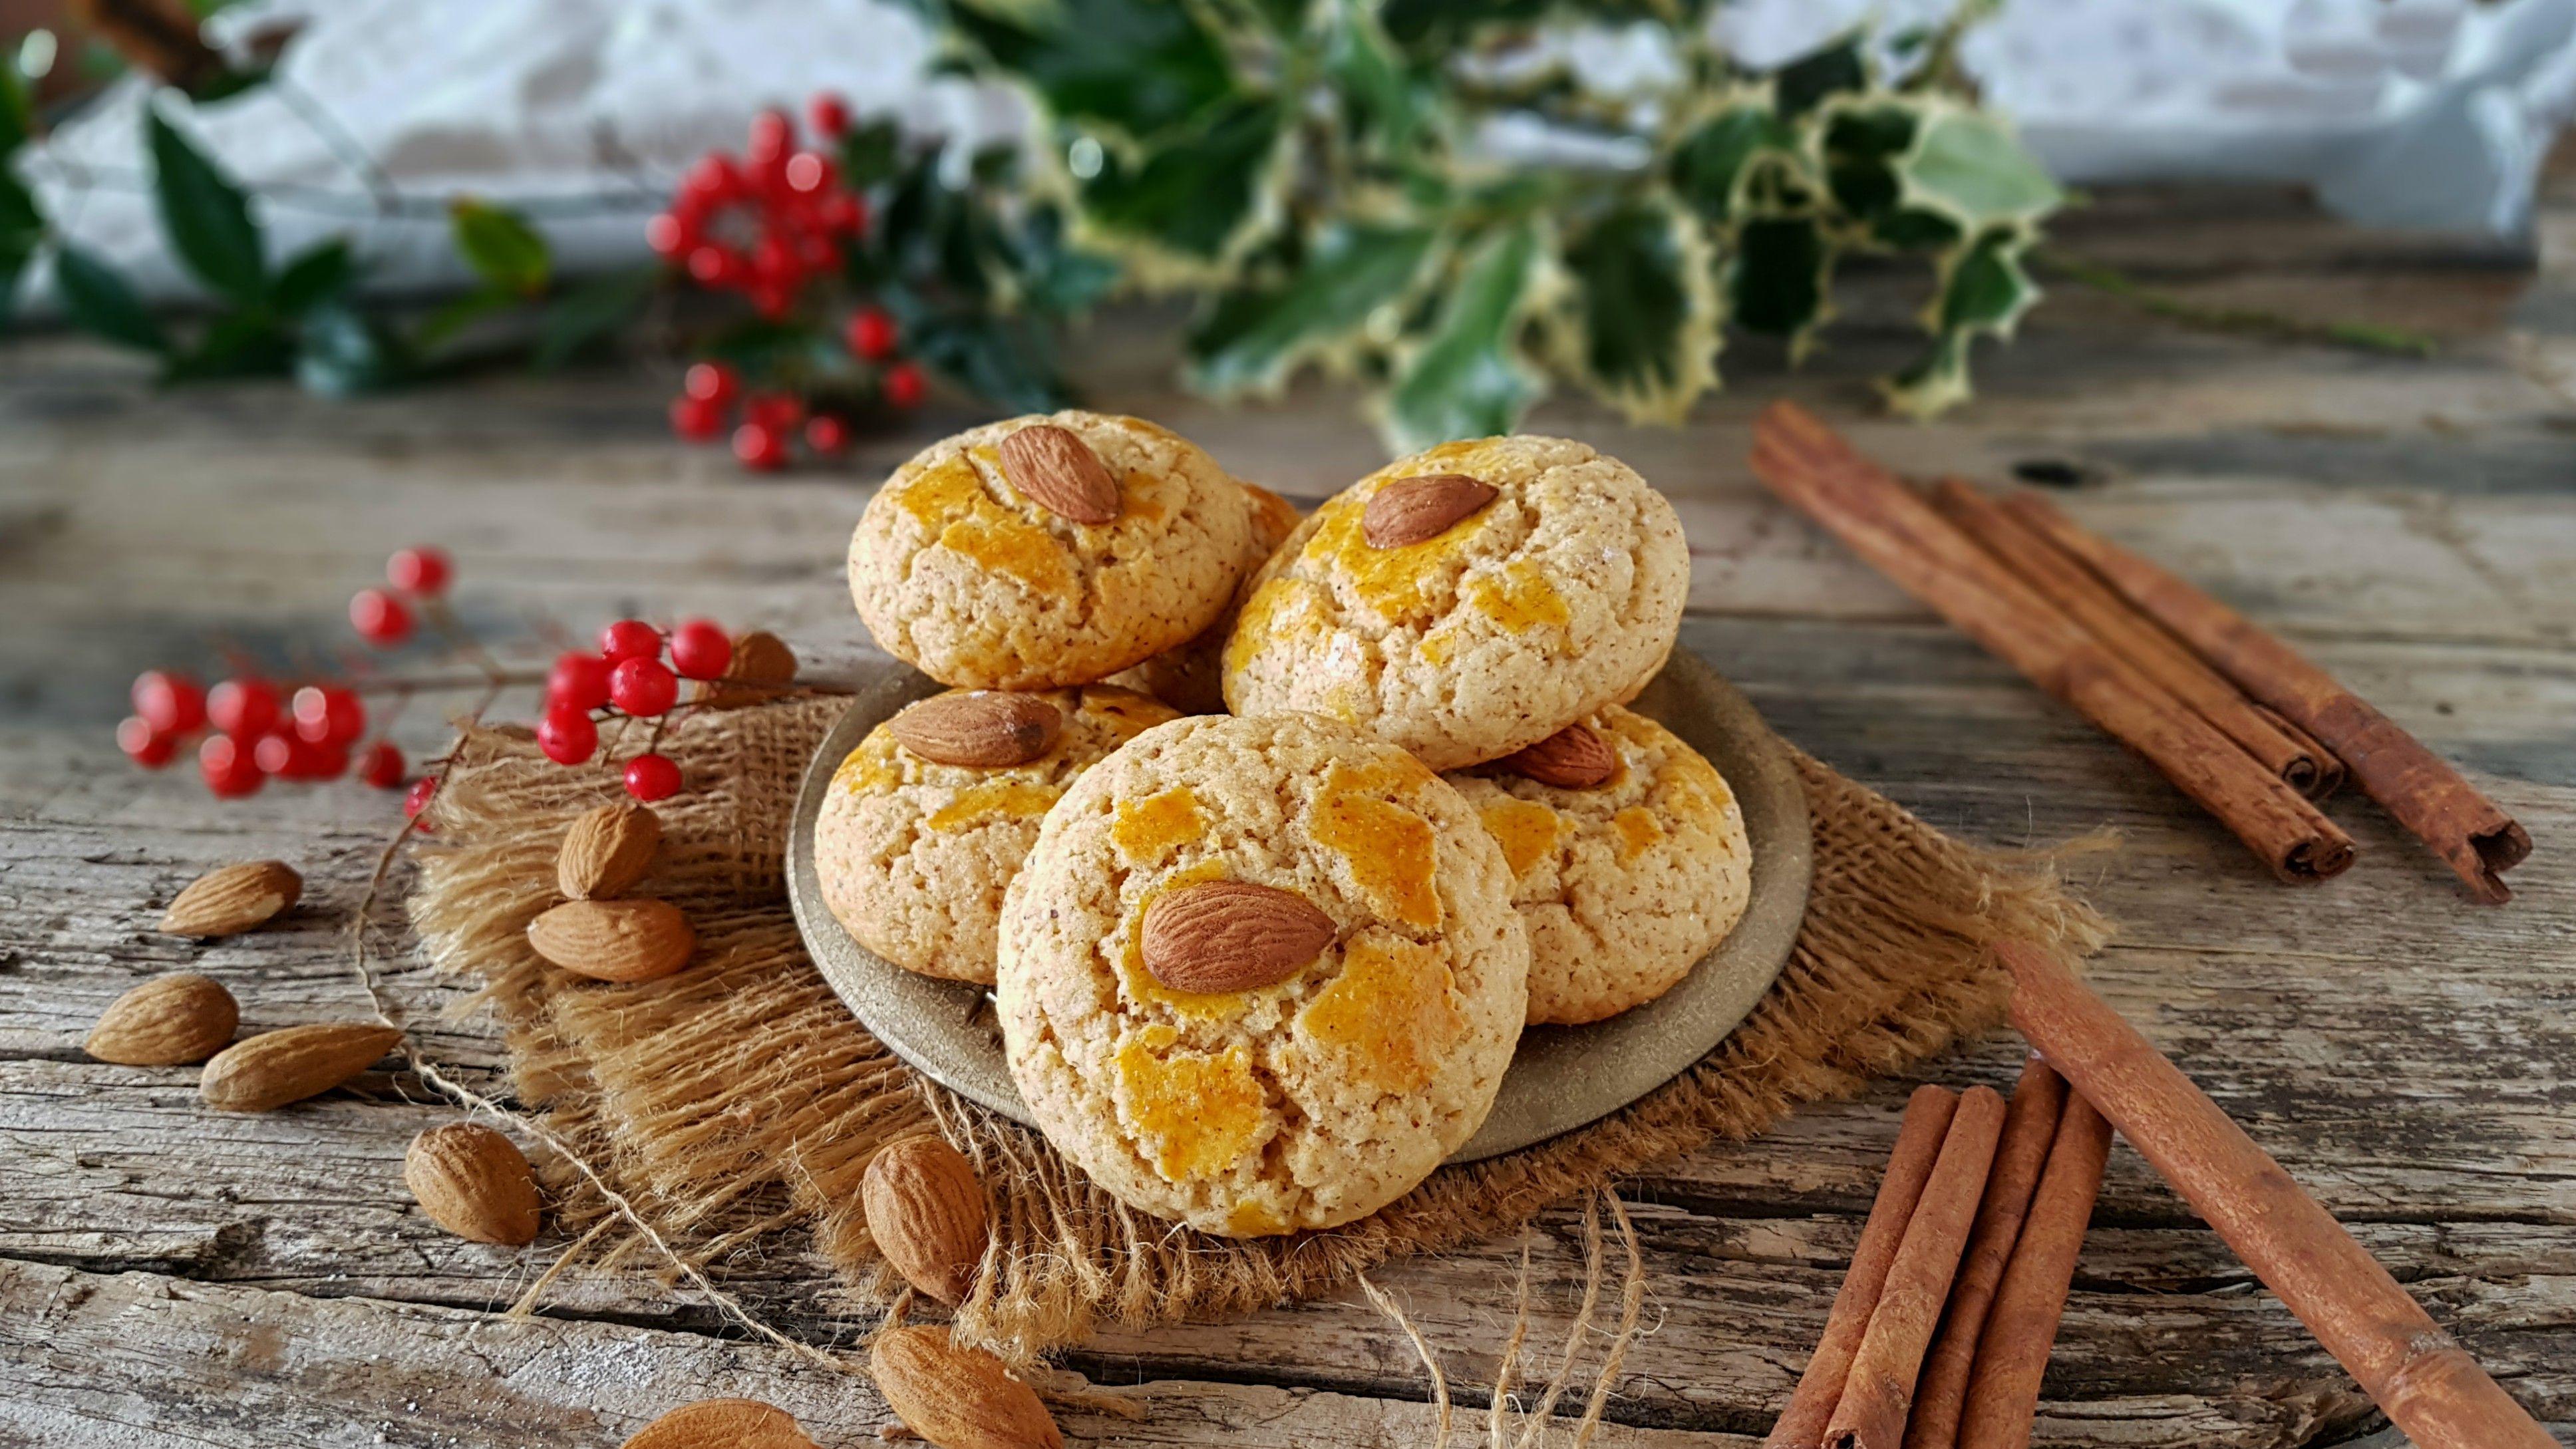 Biscotti Classici Di Natale.I Biscotti Roccoco Sono Una Golosa Variante Dei Classici Roccoco Di